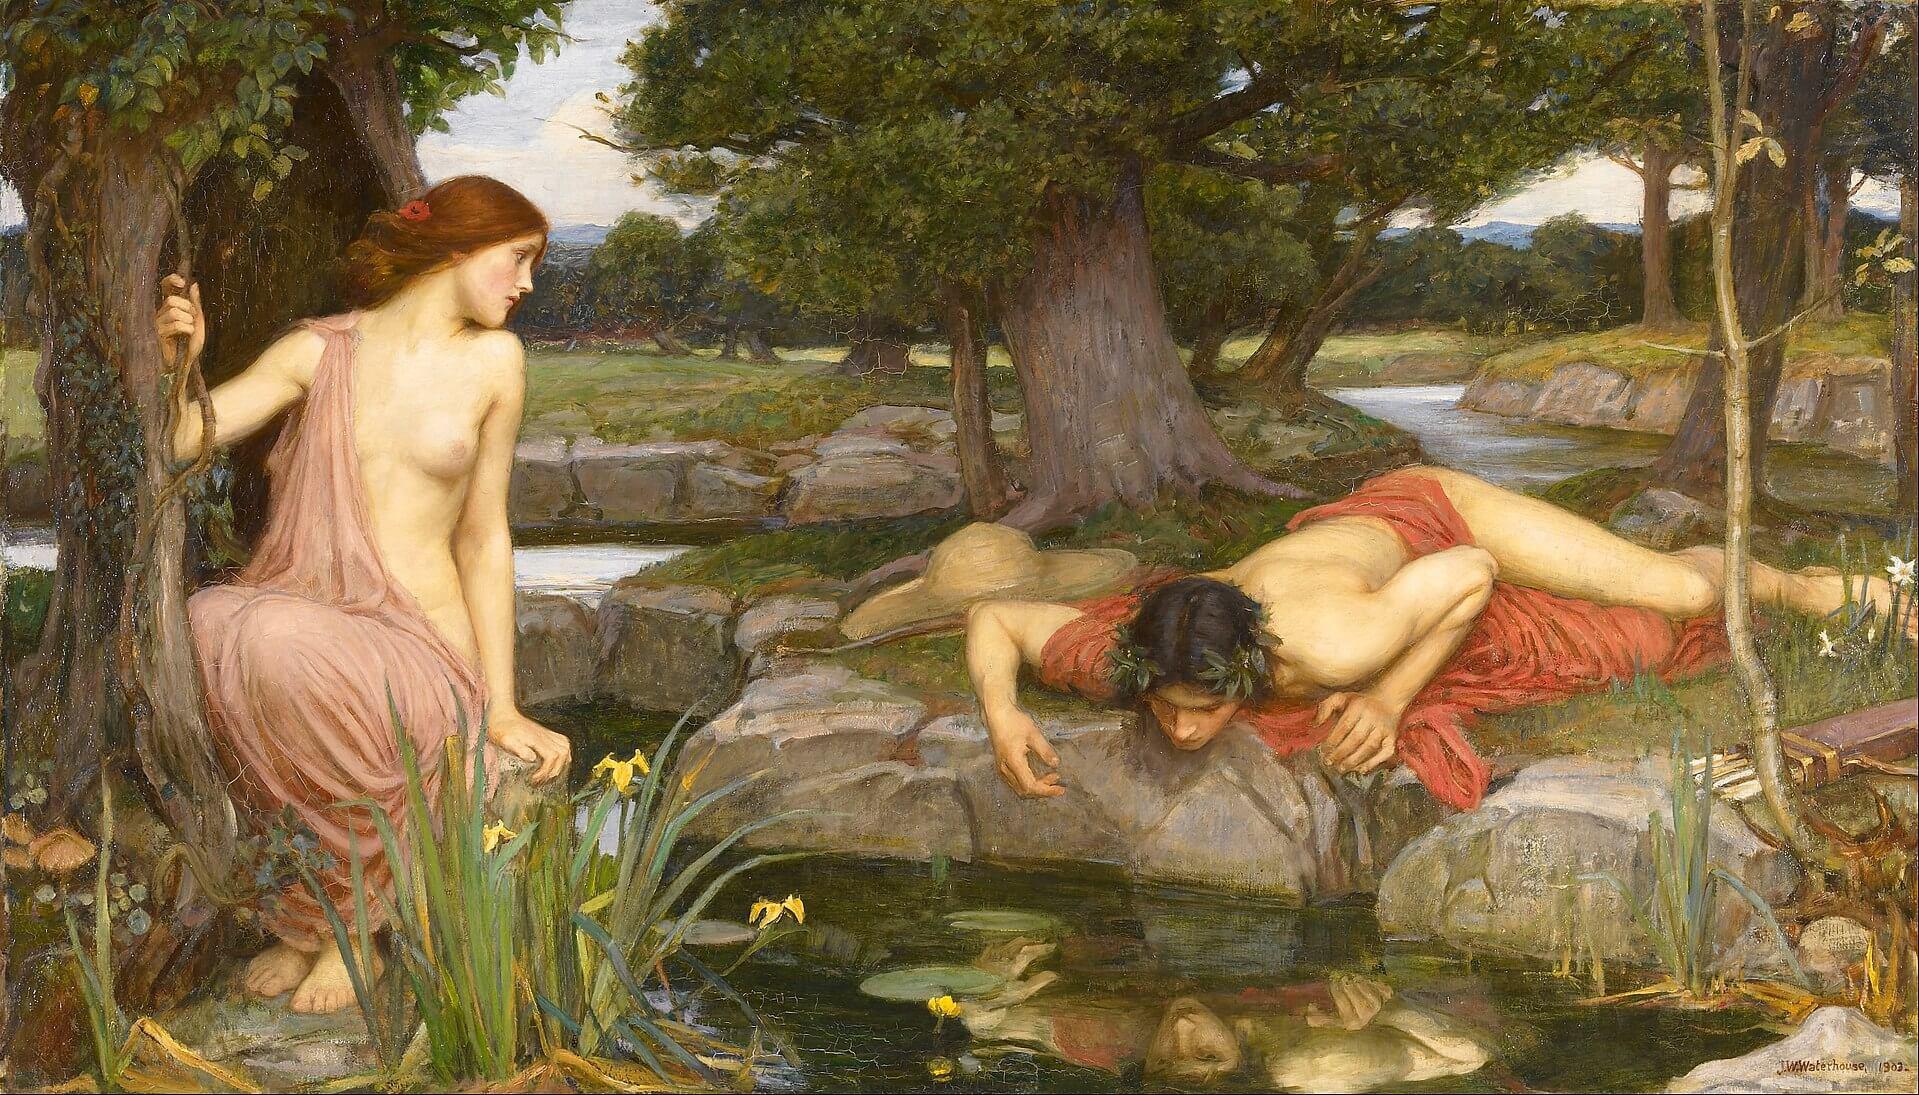 Pintura de Eco y Narciso